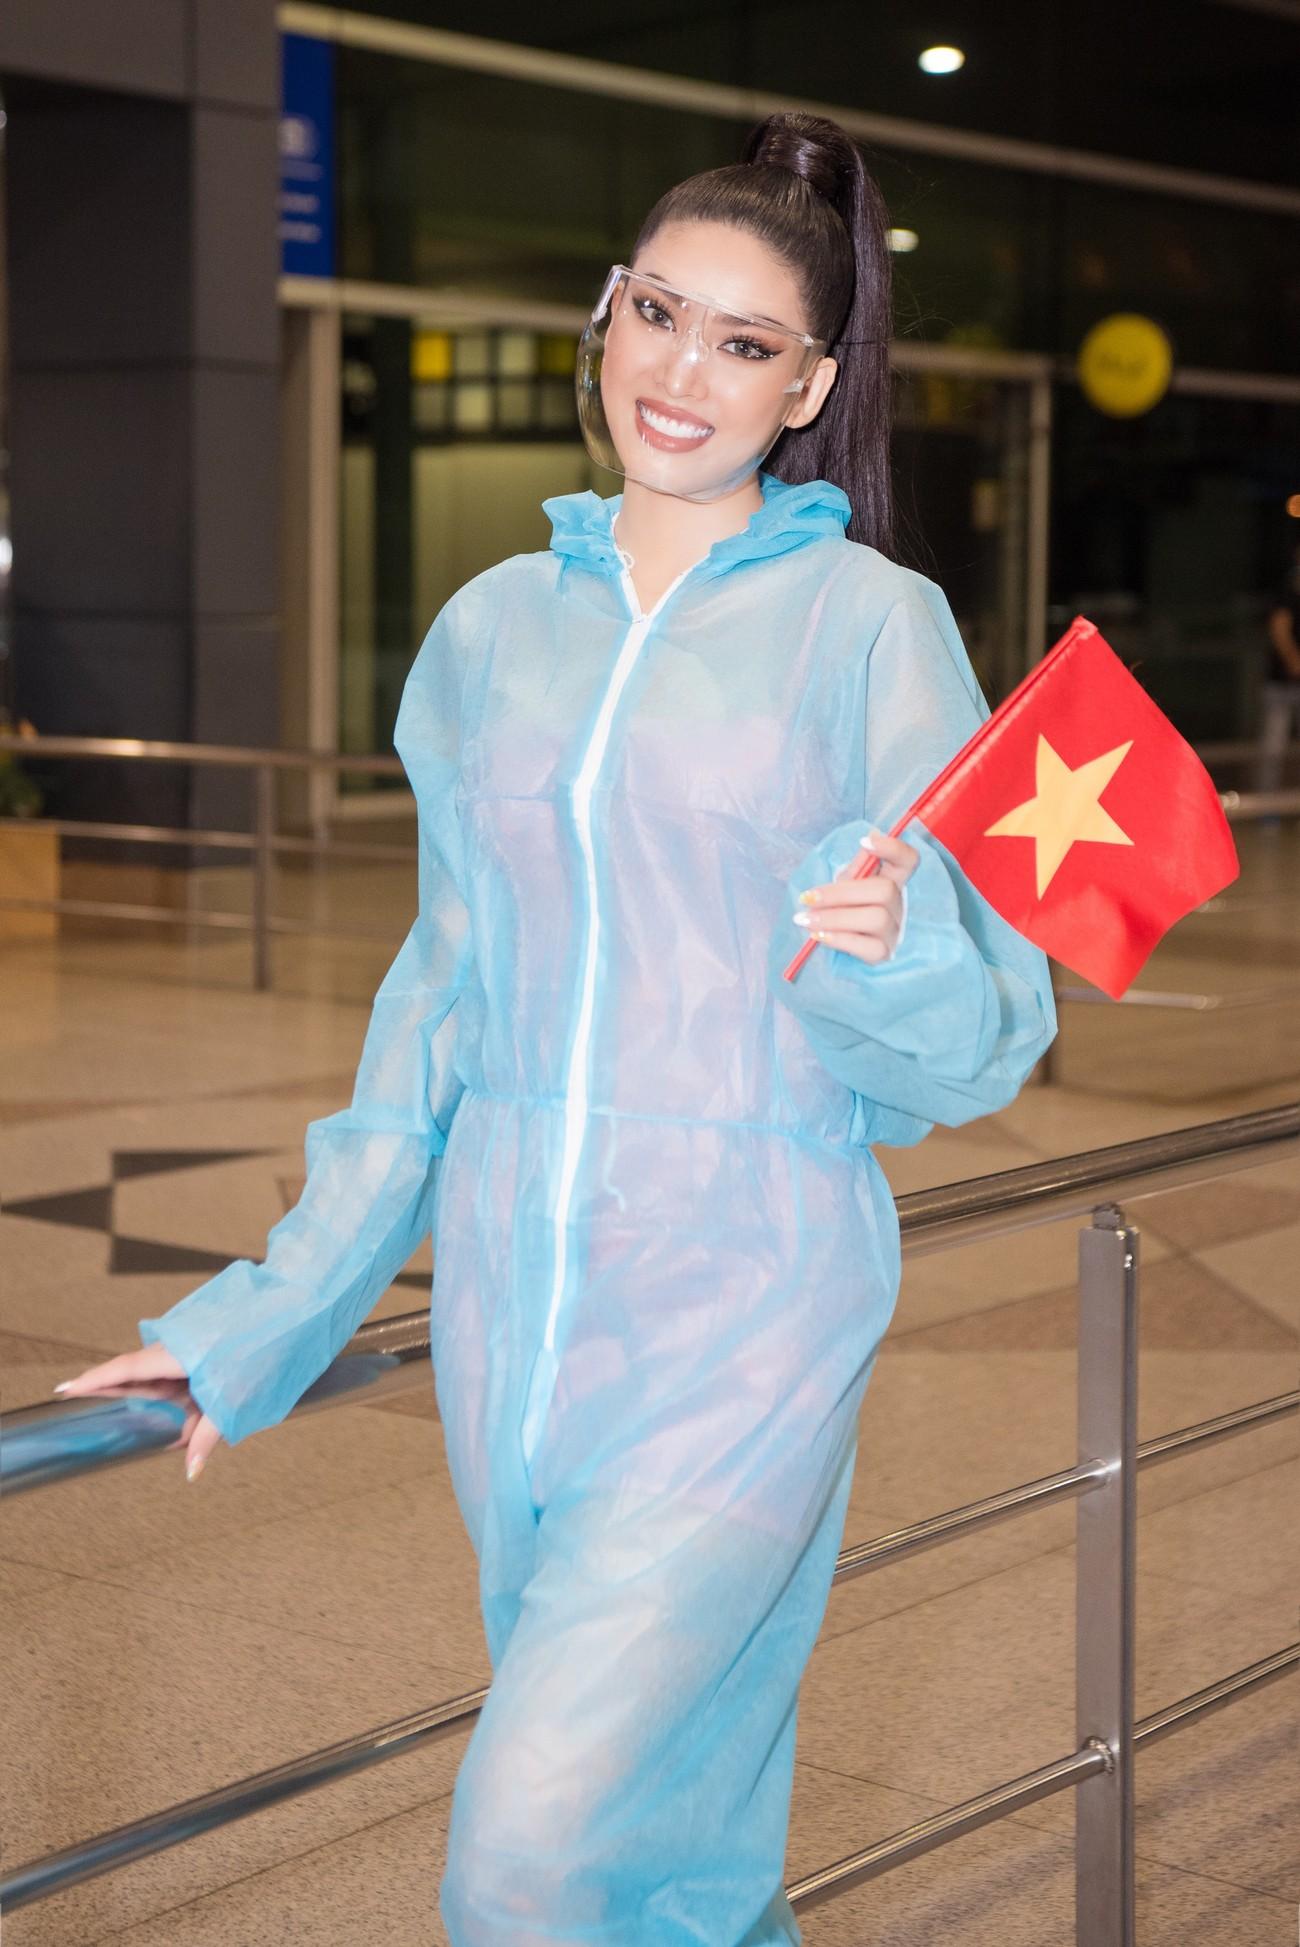 Mặc đồ bảo hộ bay sang Thái Lan thi Miss Grand, Á hậu Ngọc Thảo vẫn xinh đẹp rạng rỡ ảnh 12